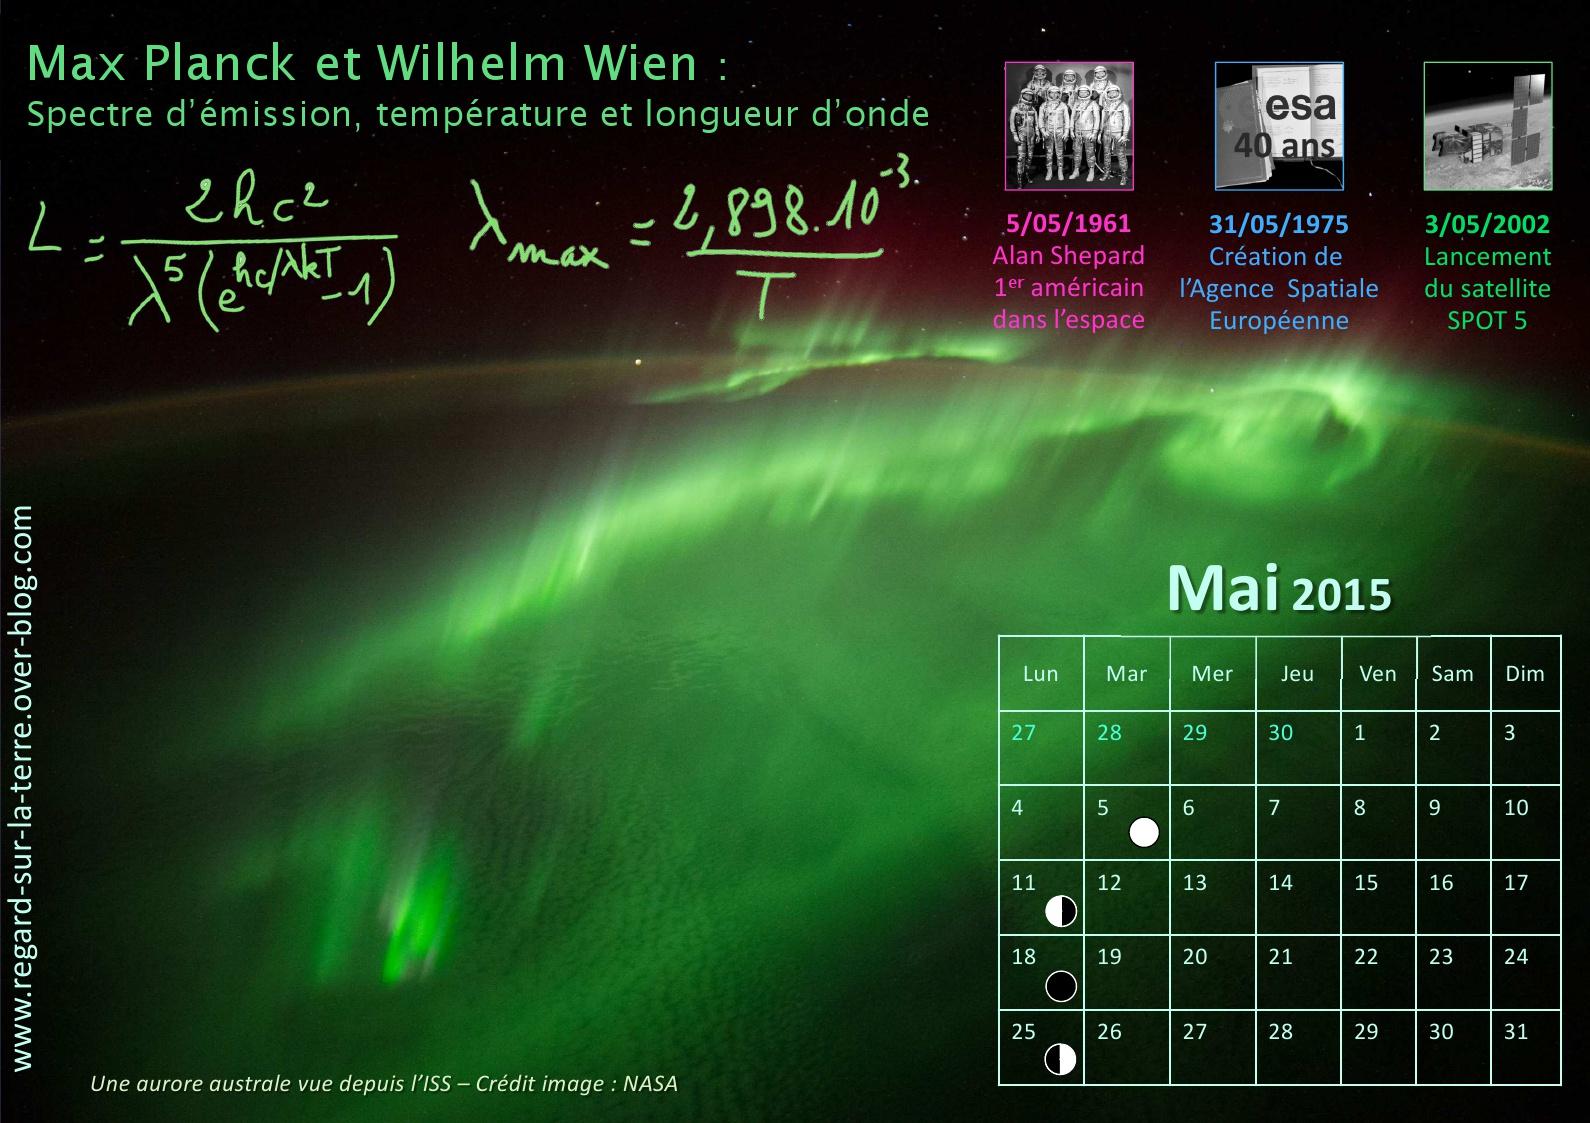 Calendrier spatial et astronomique - Mai - Aurore boréale - Aurore australe - ISS - Corps noir - Loi de Planck - Loi de déplacement de Vite - Alexander Gerst - Magnétosphère